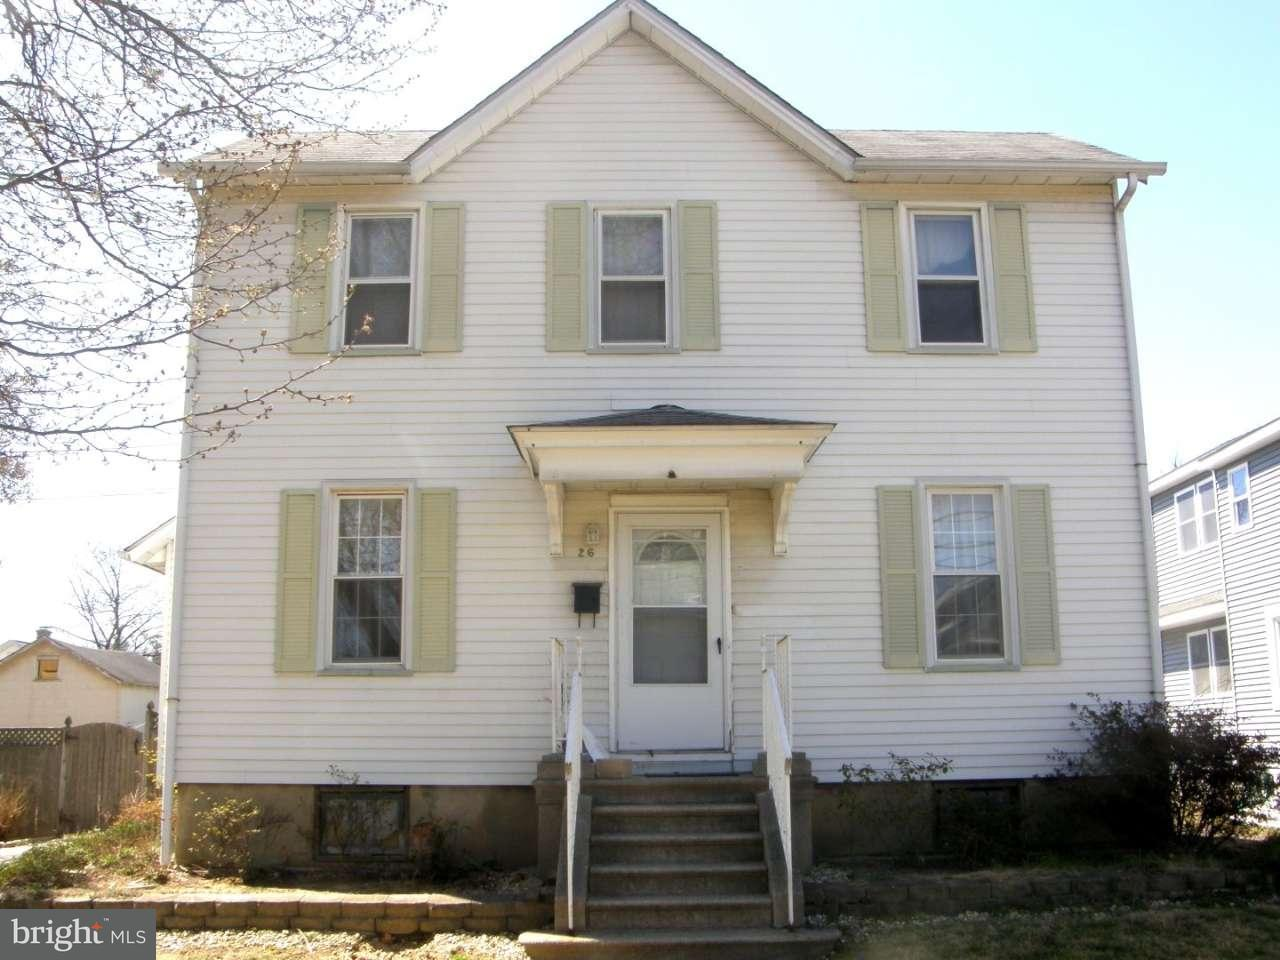 Частный односемейный дом для того Продажа на 26 OSWEGO Avenue Audubon, Нью-Джерси 08106 Соединенные Штаты